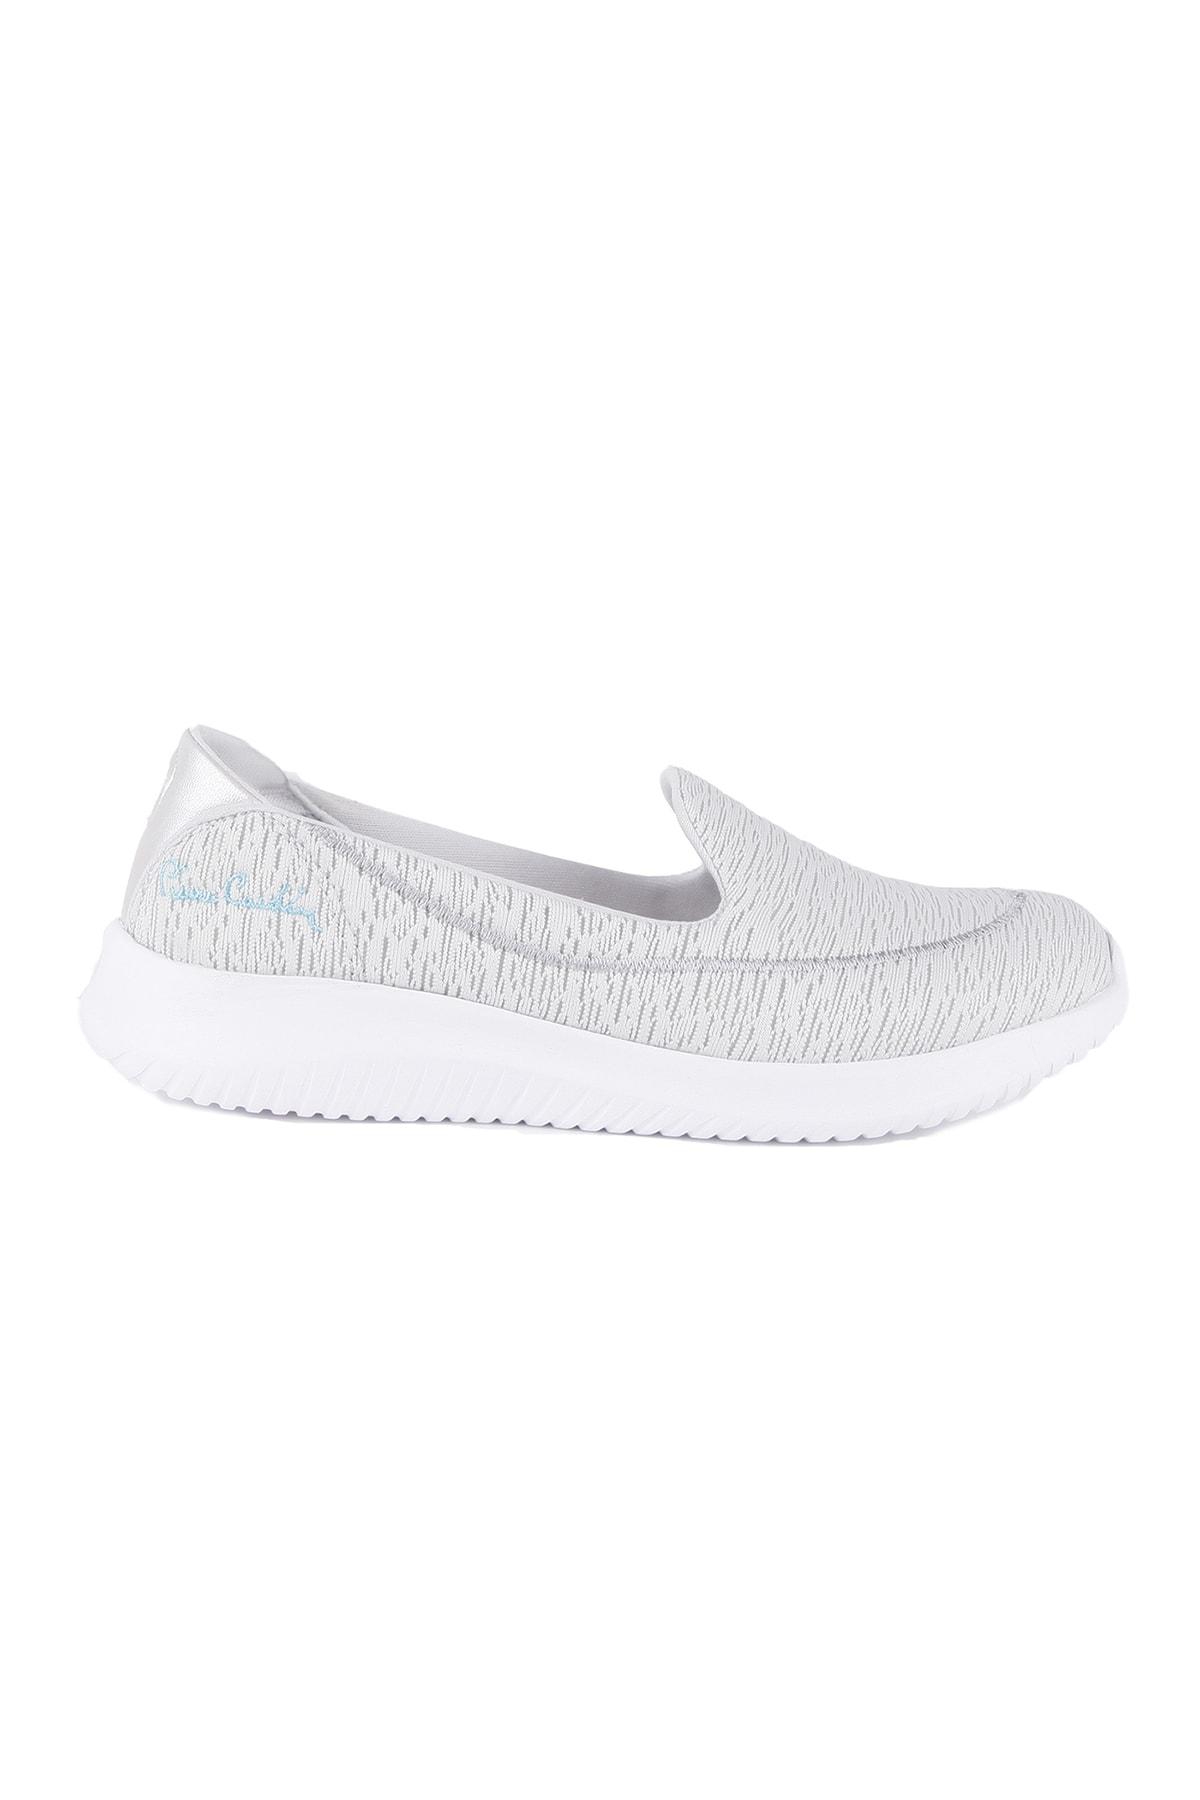 Pierre Cardin Kadın Spor Ayakkabı PC-30168 Gri/Grey 20S04PC30168 1